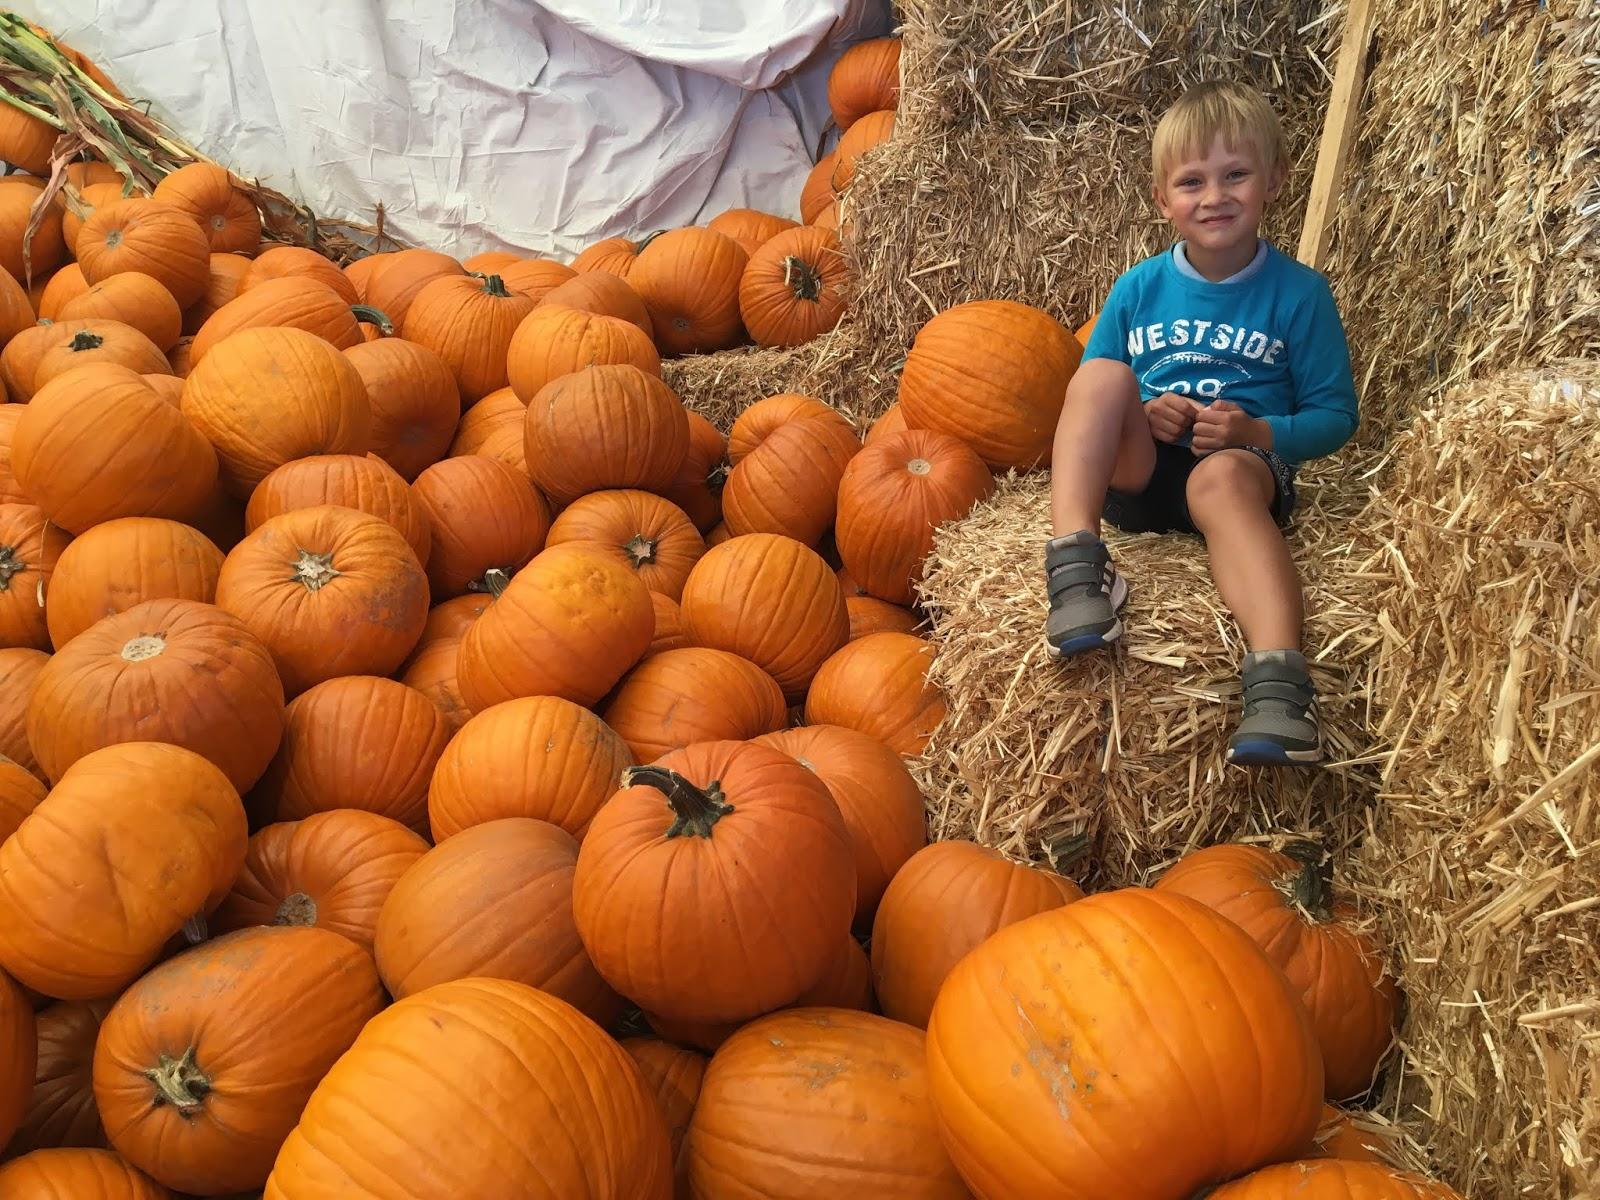 004bee69152 Oktoobri lõpus sai meie Riku 4-aastaseks ja tähistasime ka esimest korda  Halloween'i. Lõikusime ka paar kõrvitsat 'koledaks'. 31. oktoober algas  lasteaias ...